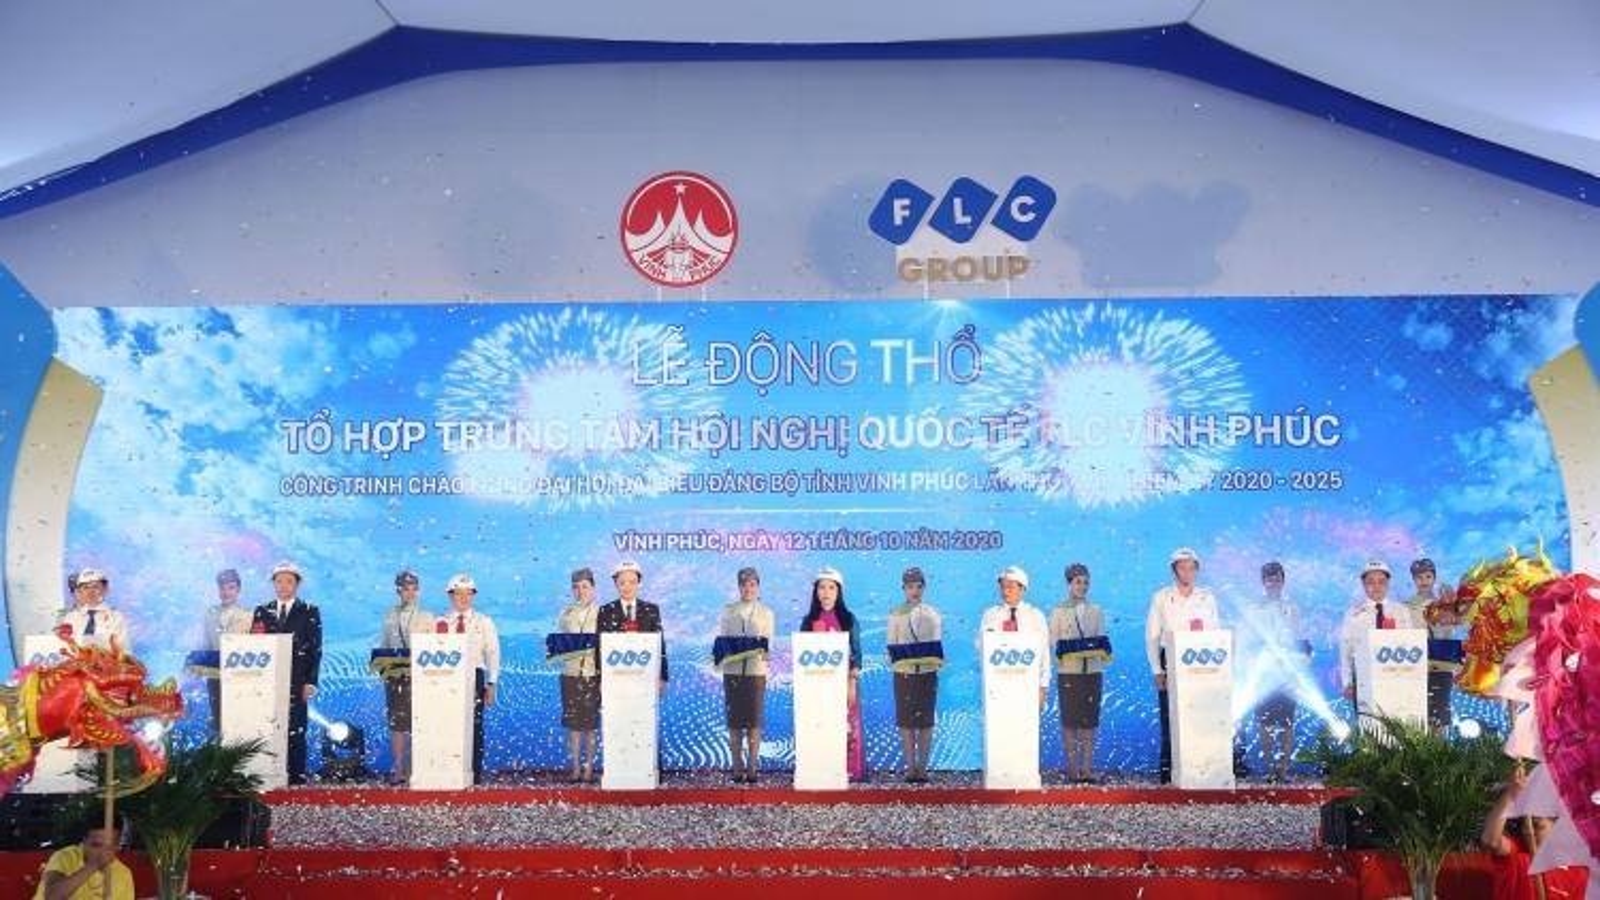 Khởi công xây dựng Tổ hợp Trung tâm Hội nghị quốc tế FLC Vĩnh Phúc